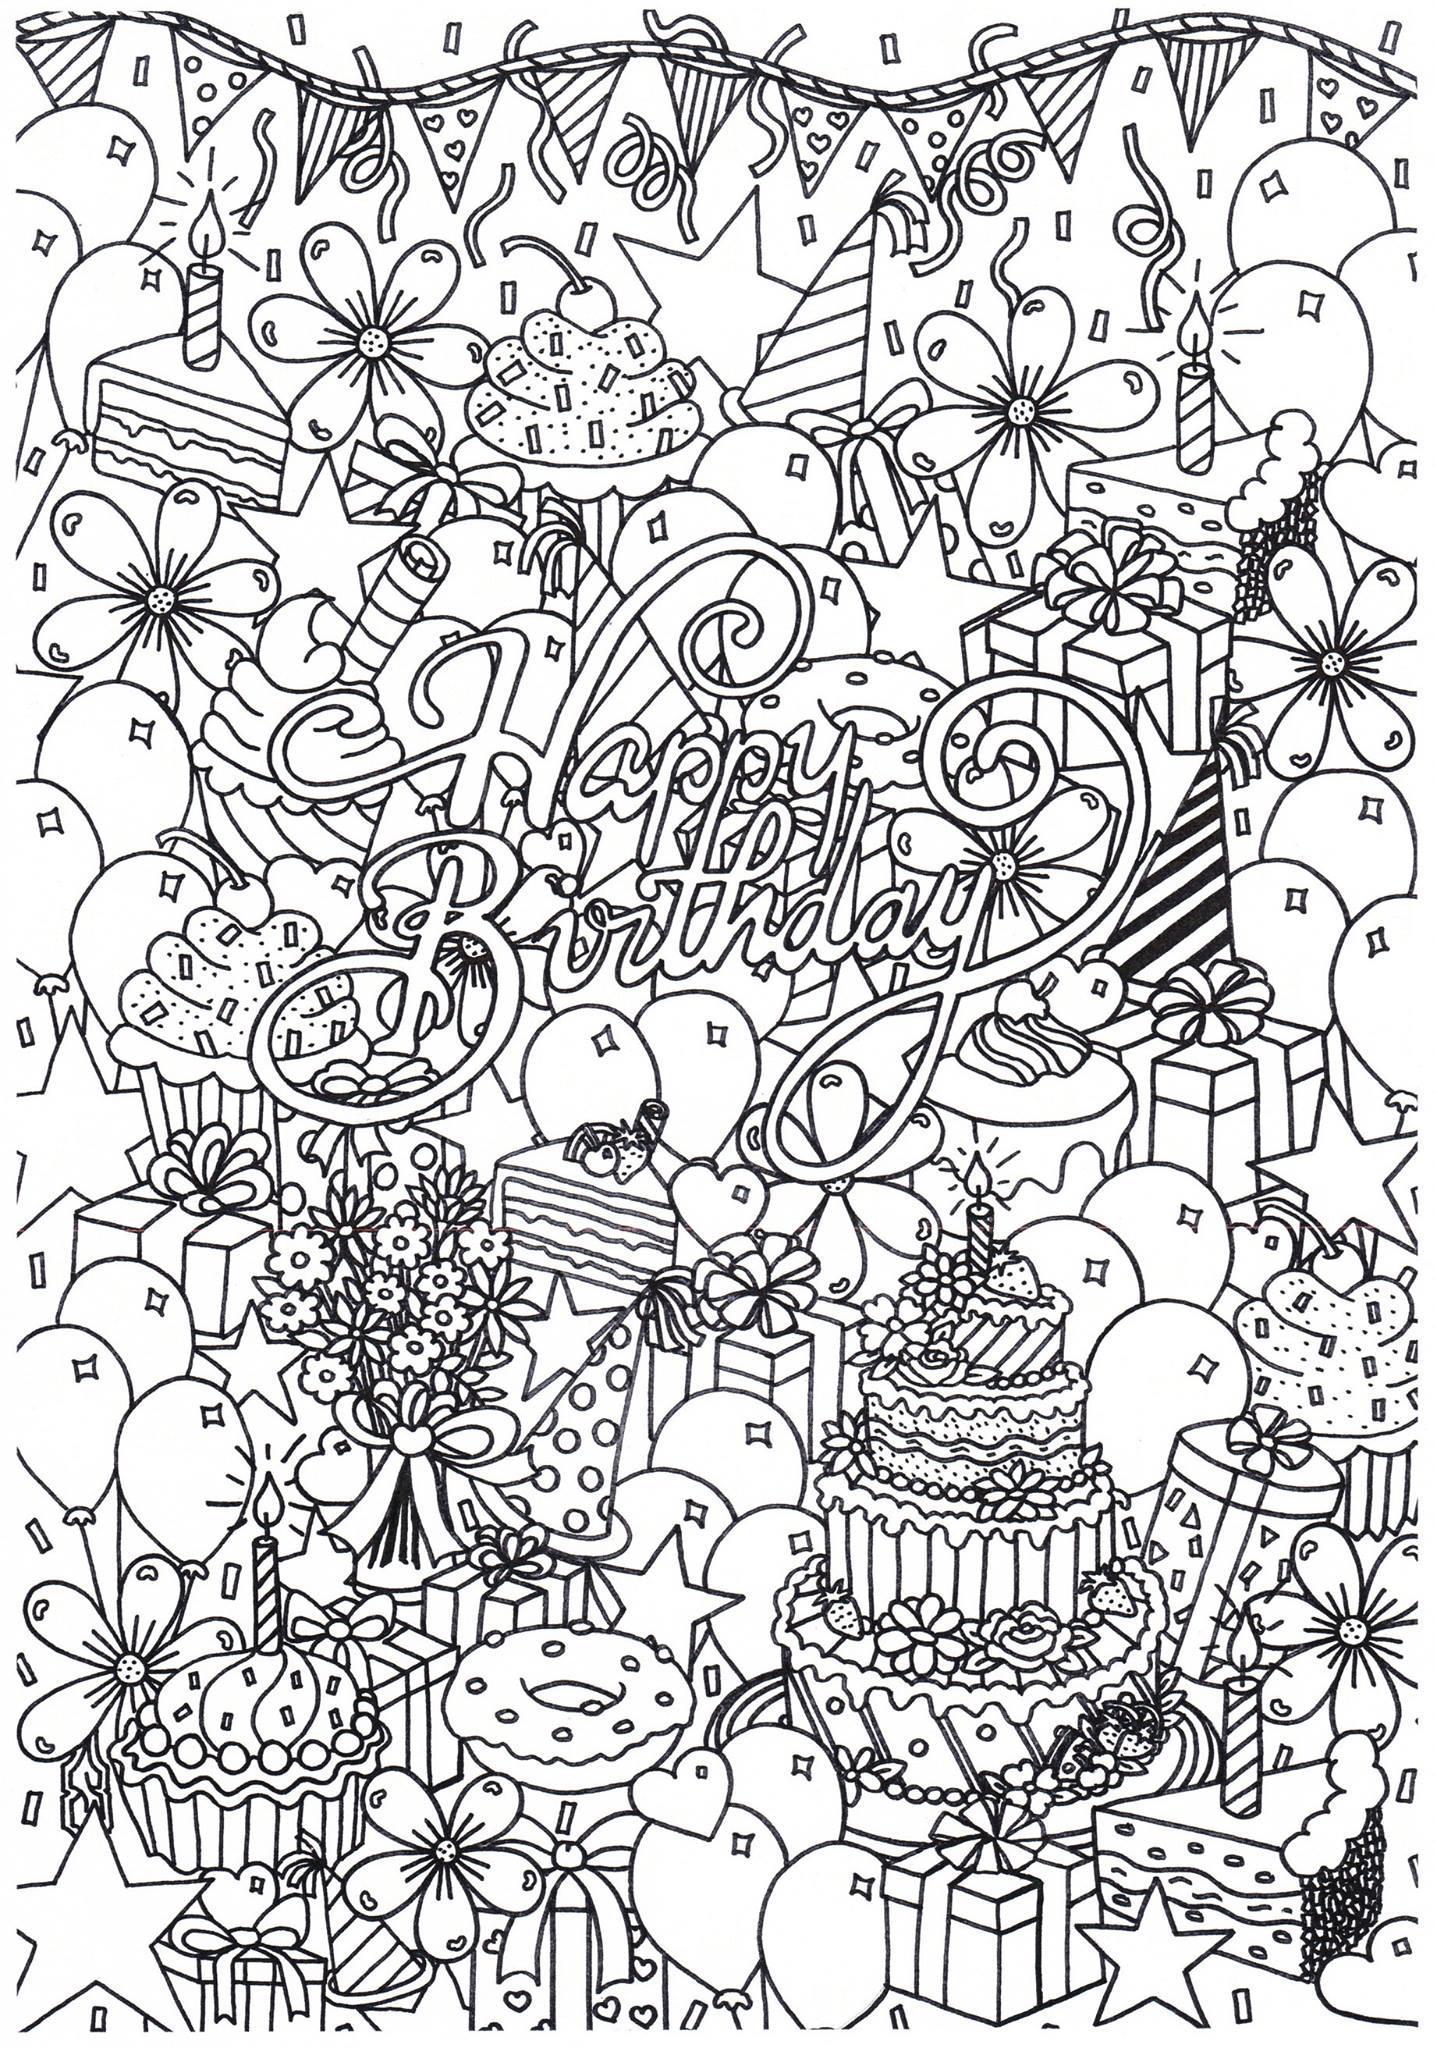 Disegno Da Colorare Buon Compleanno Disegni Da Colorare E Stampare Gratis Imm 31313